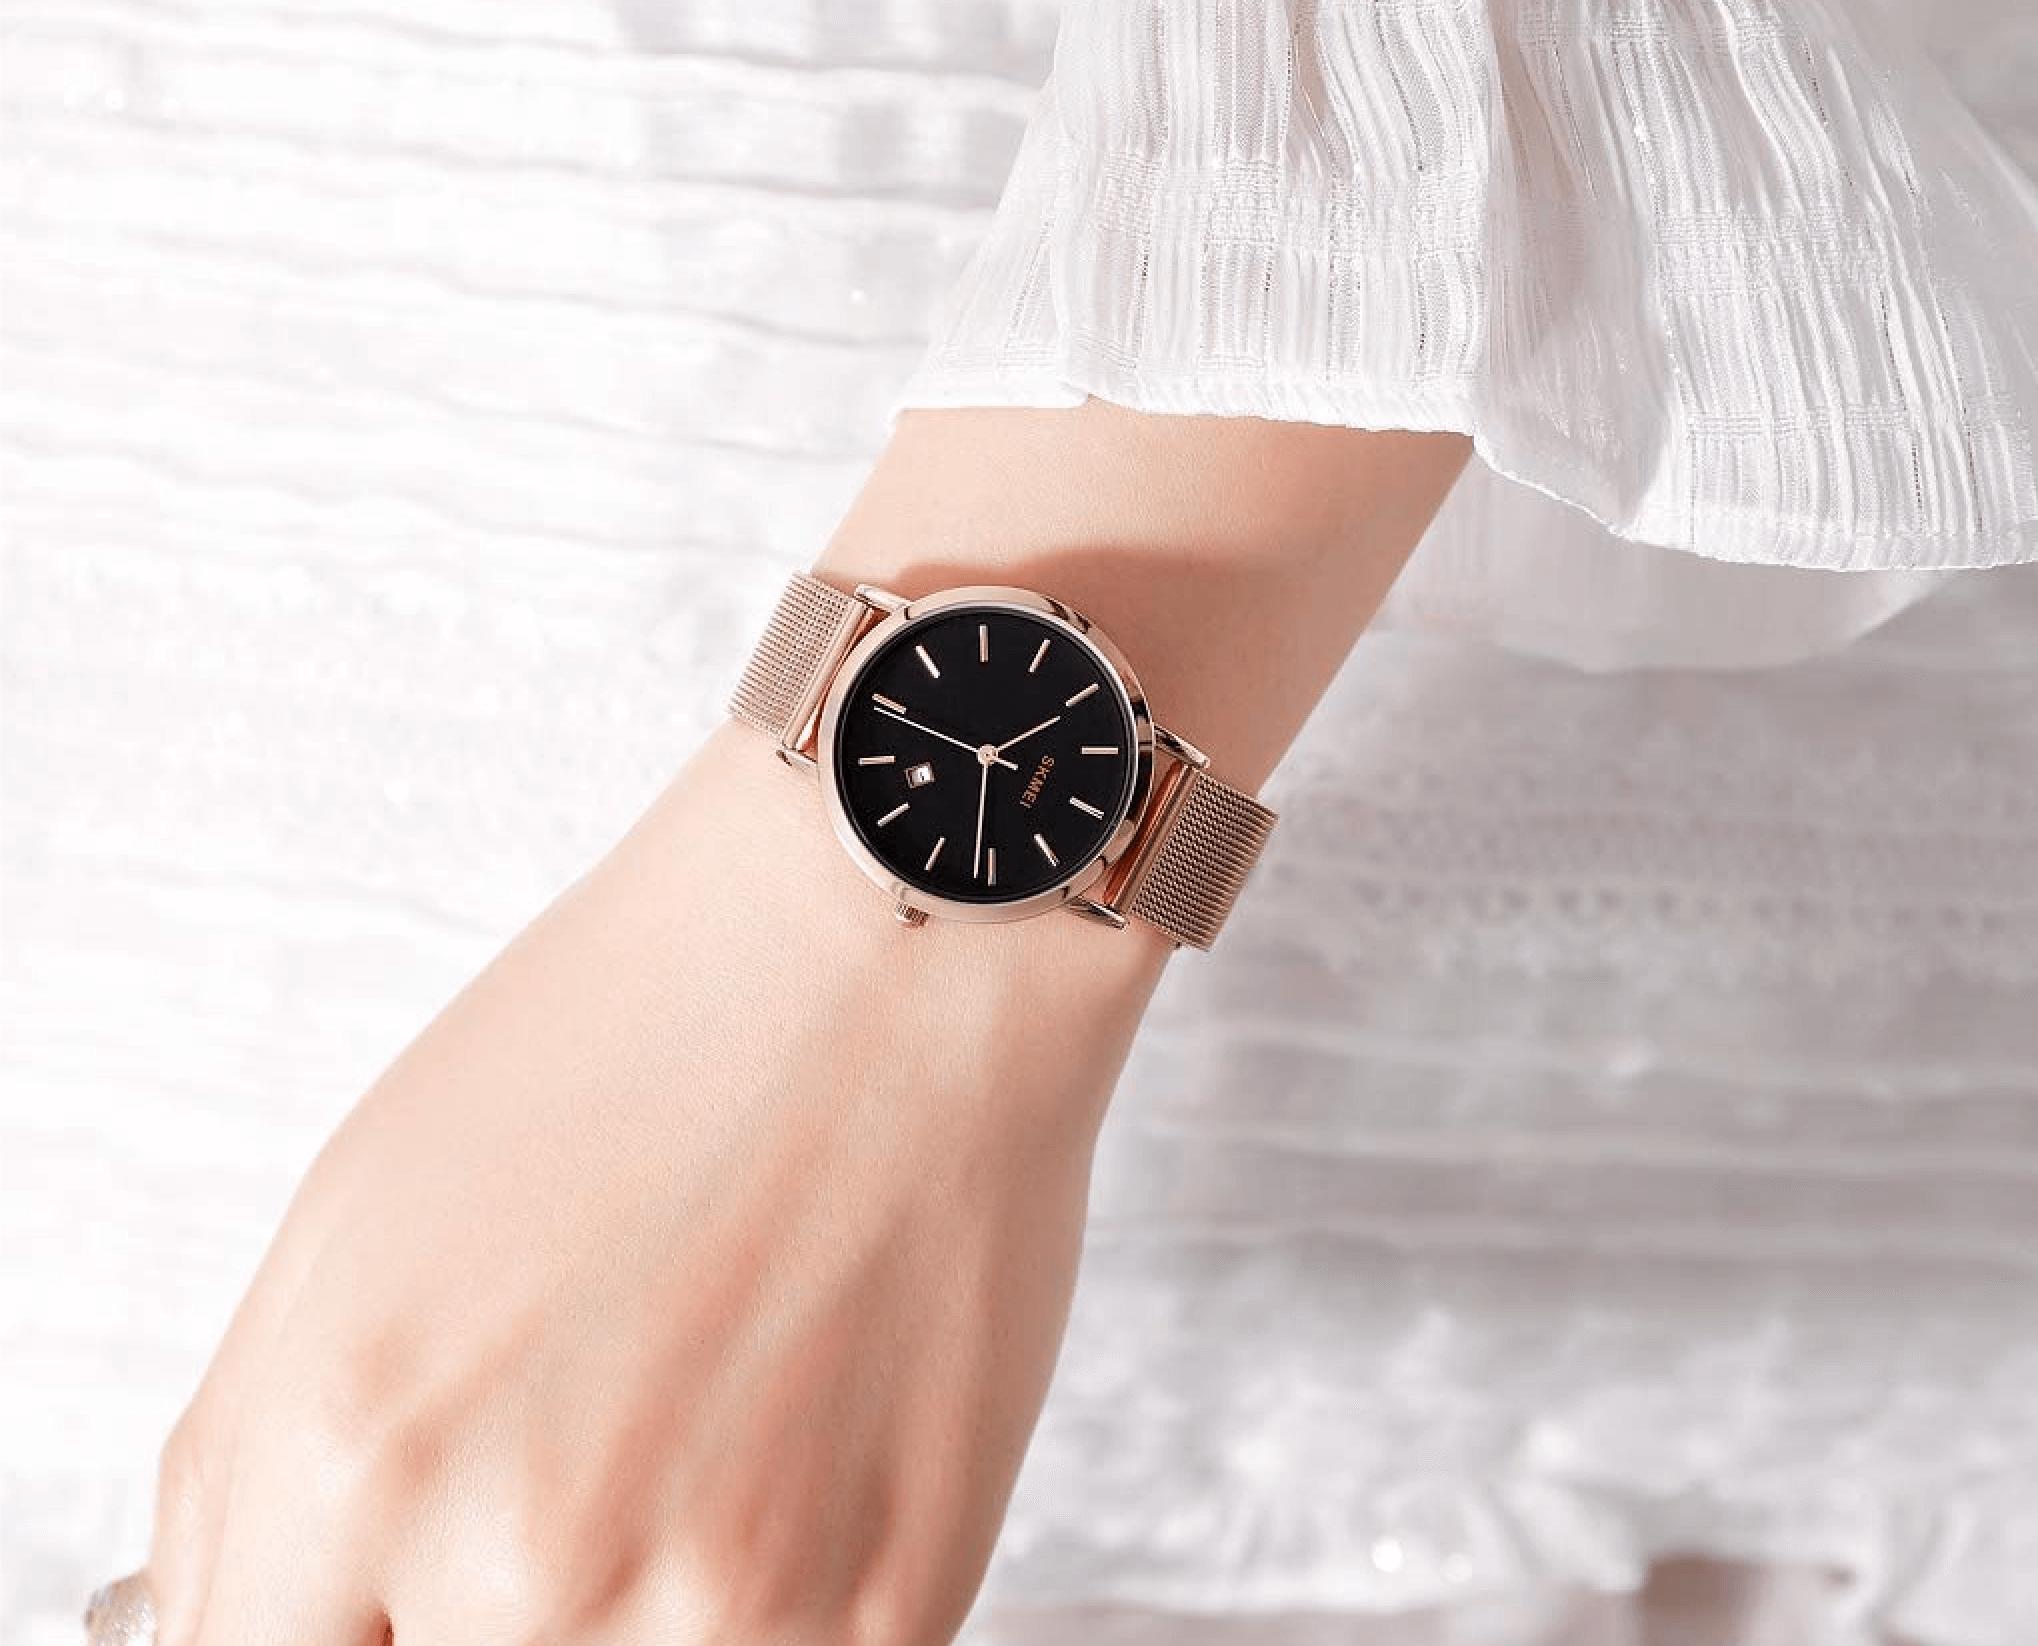 腕時計をはめた女性の手